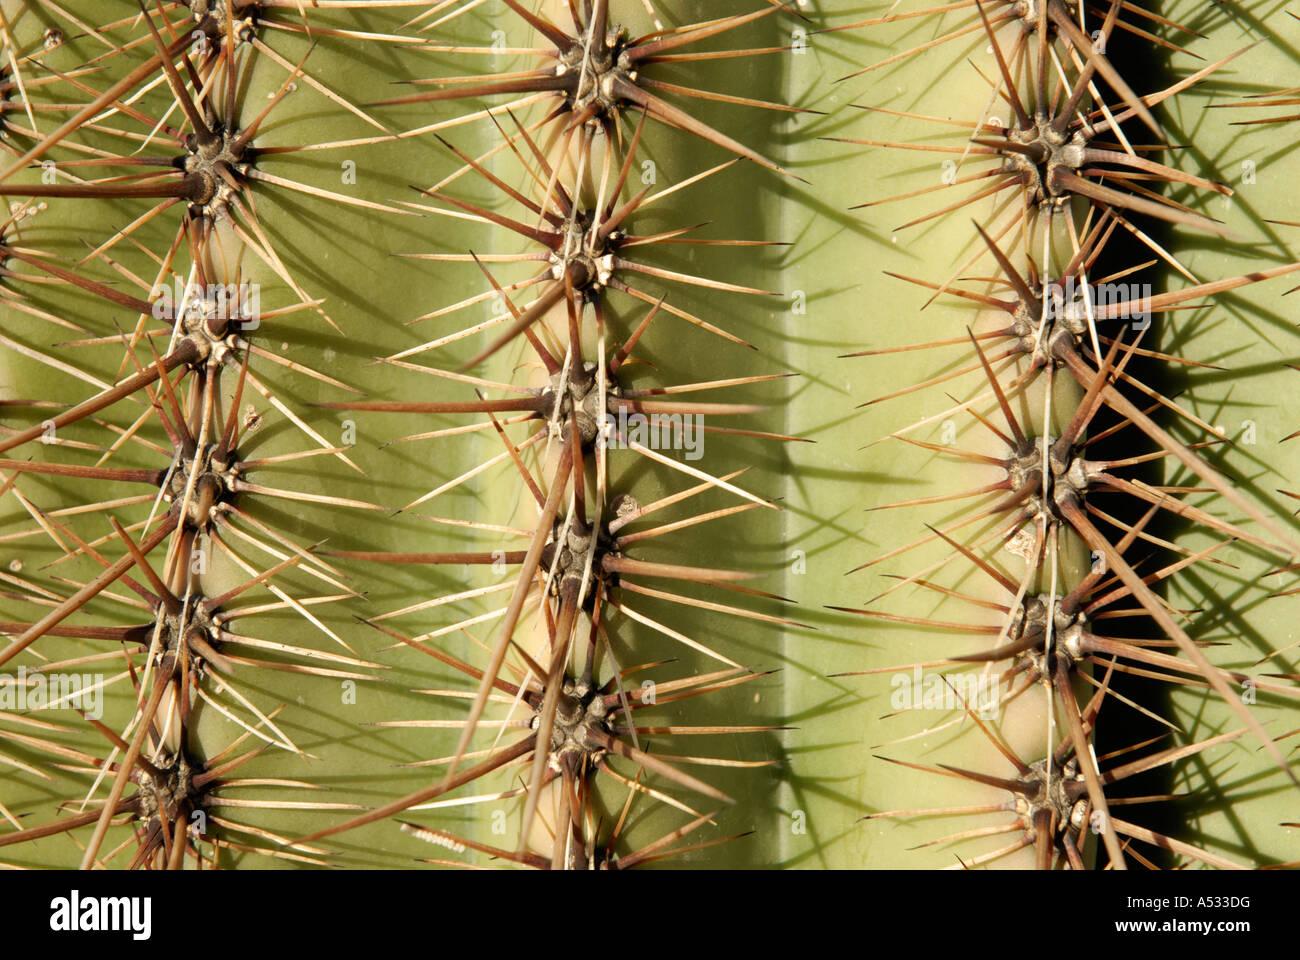 Cactus Saguaro, Carnegiea gigantea, espinas espinas en 3 tres pliegues, cerrar resumen Imagen De Stock